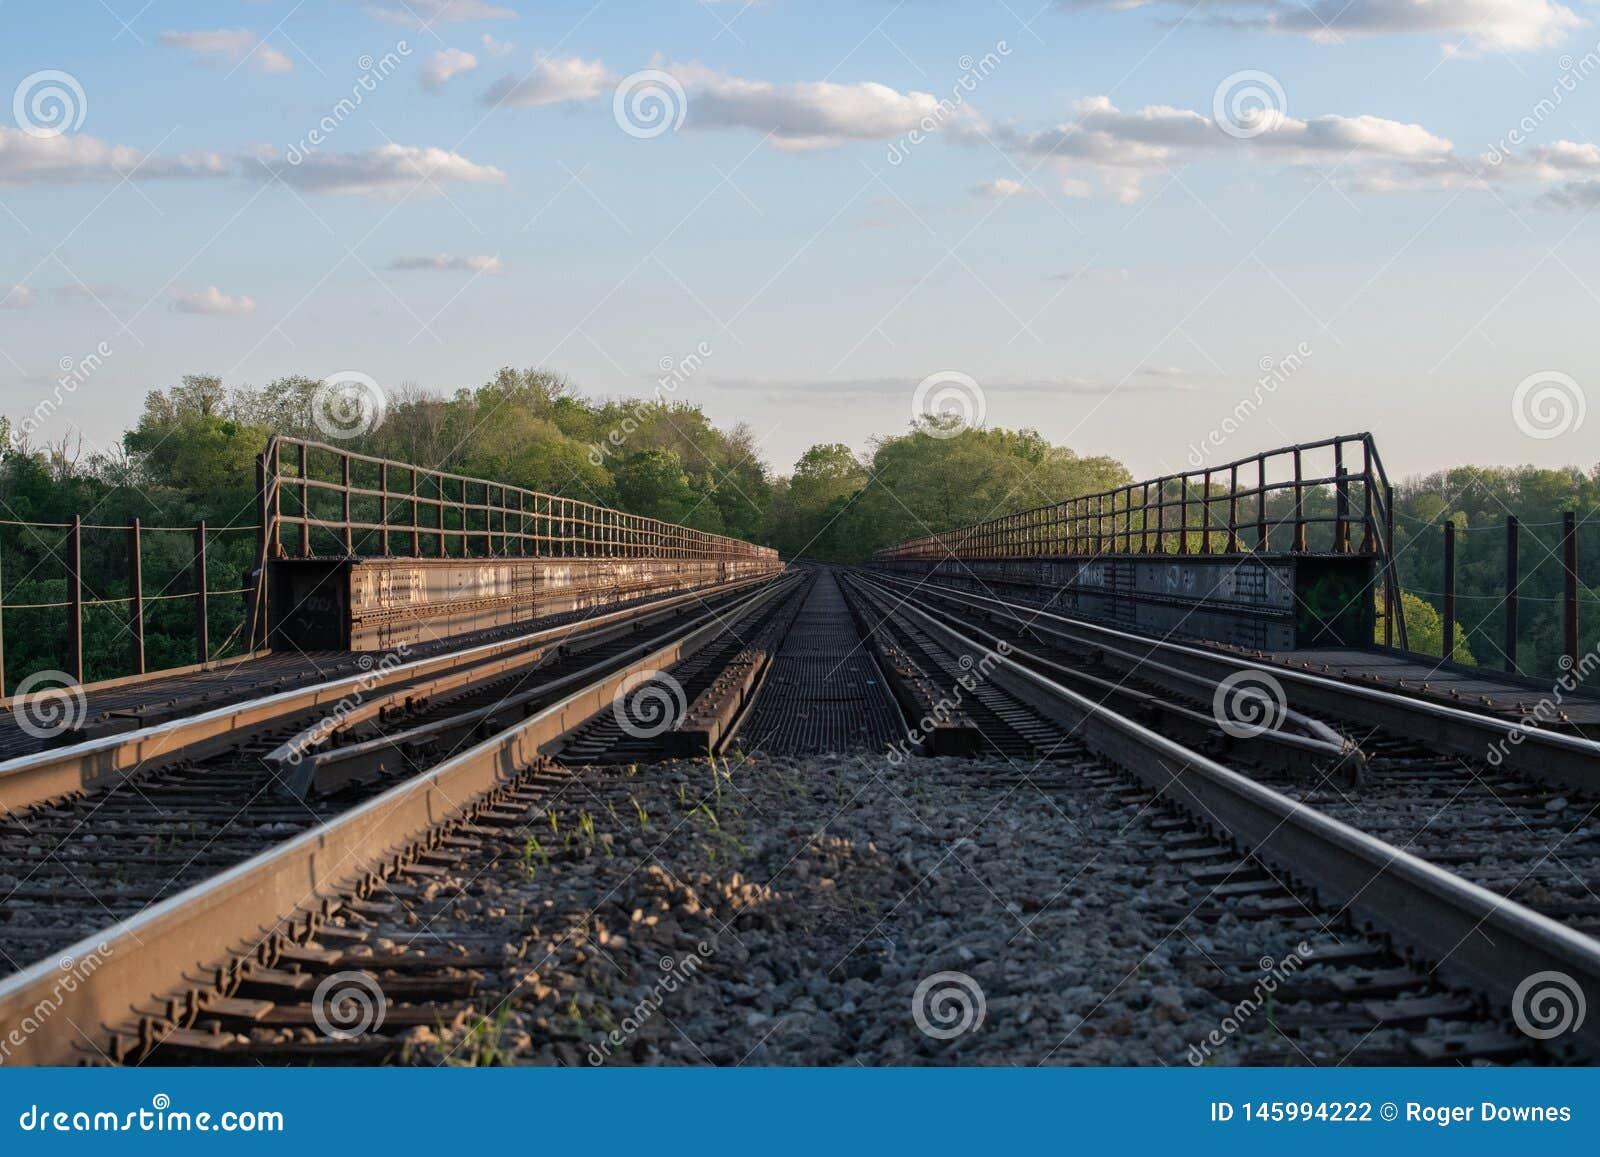 高架桥列车支架